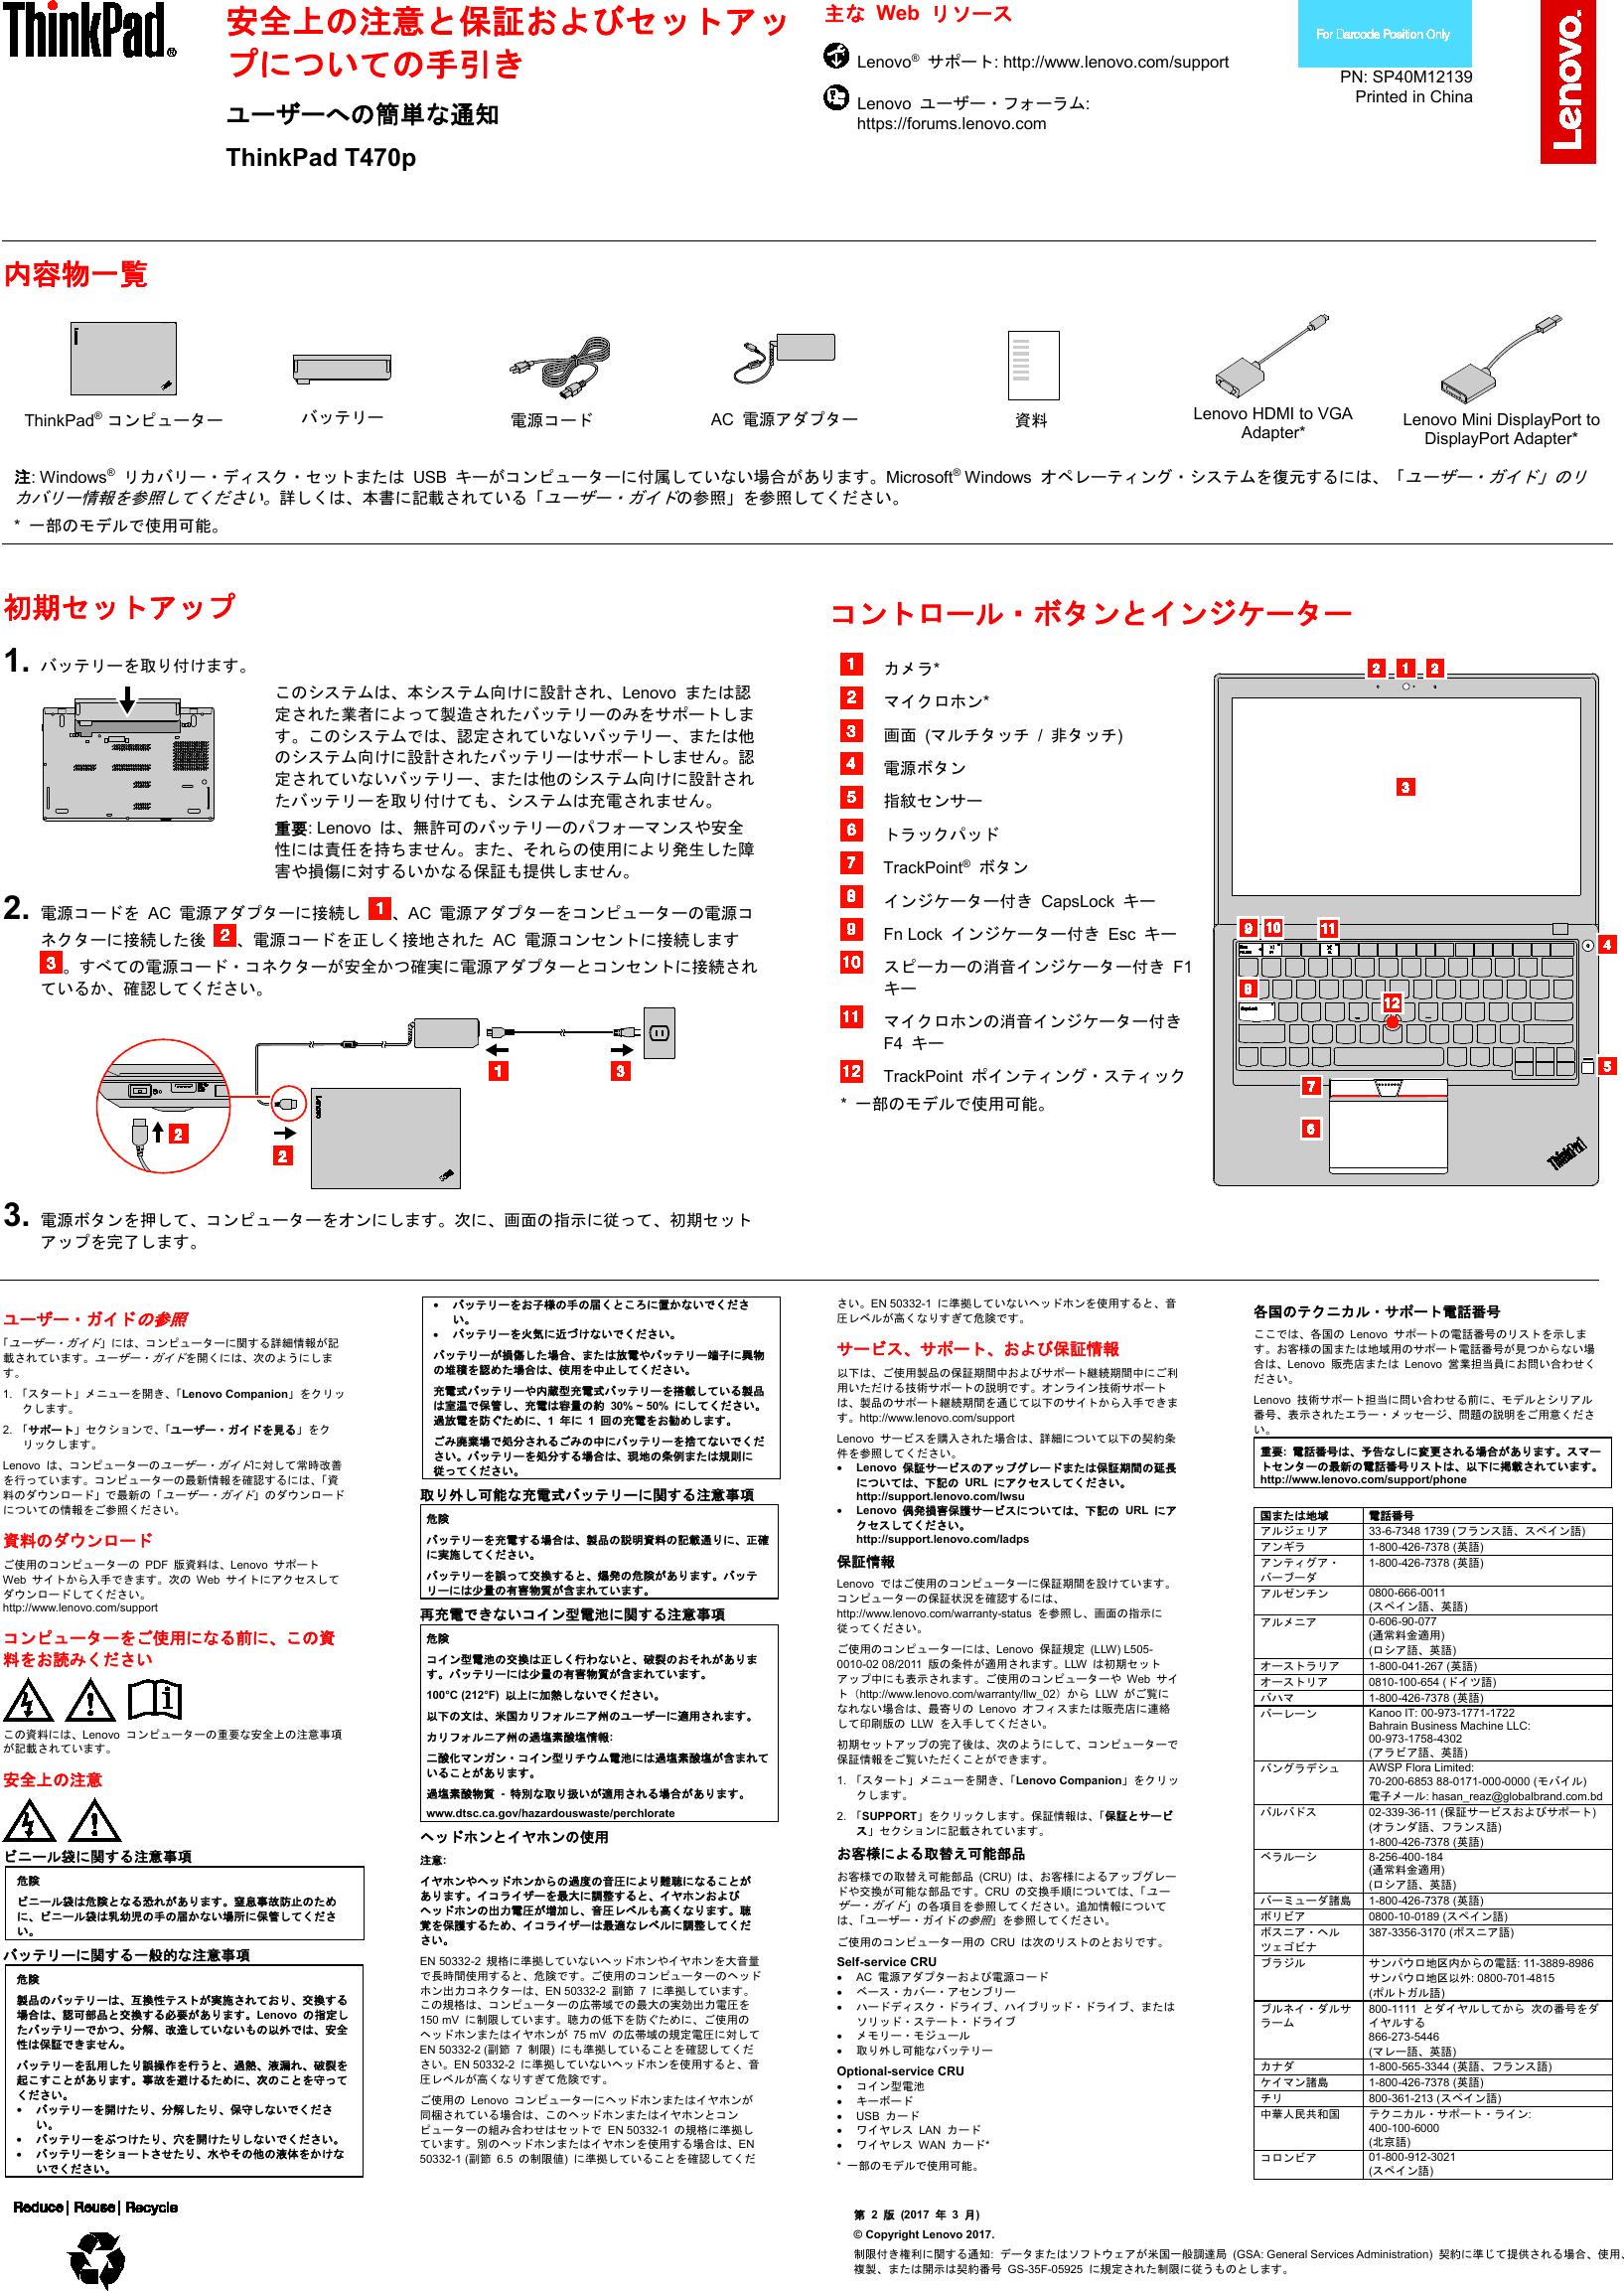 thinkpad t470p specs pdf